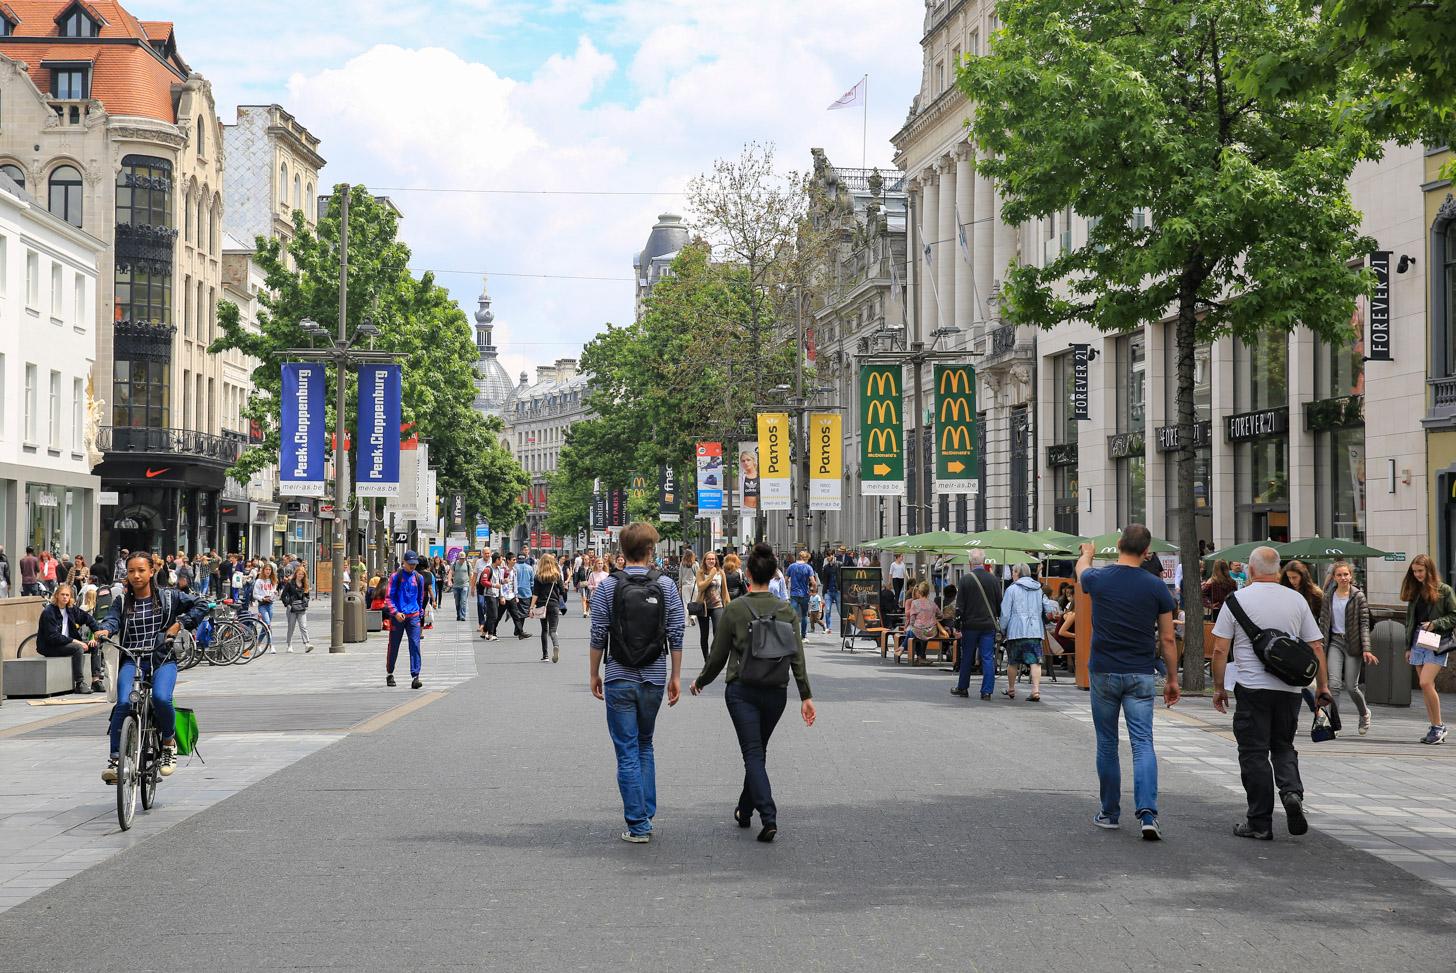 De Meir is dé winkelstraat van Antwerpen